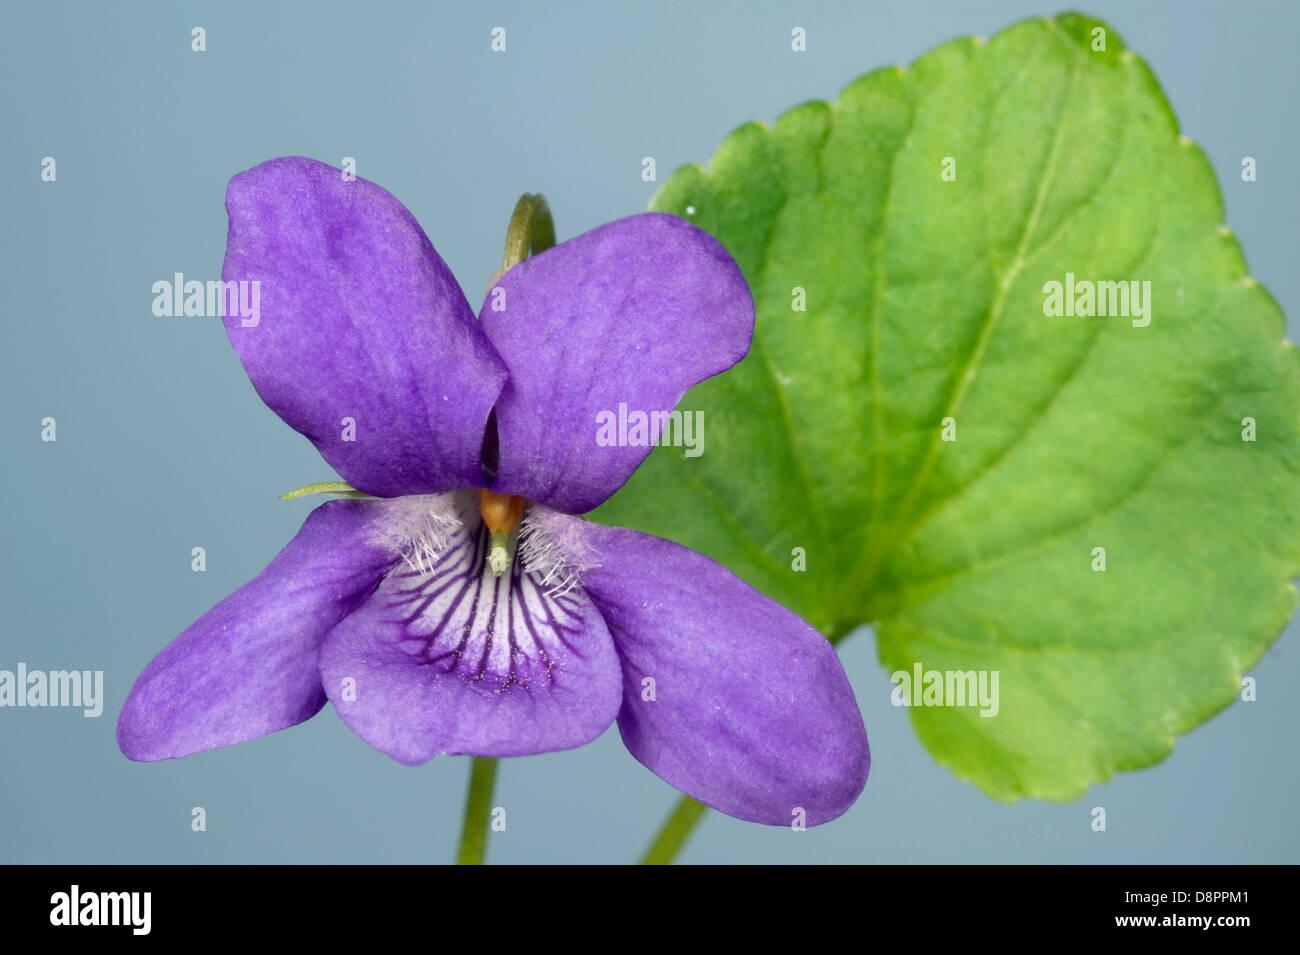 Principios perro Violeta, Viola reichenbachiana, Flor y hoja Foto de stock